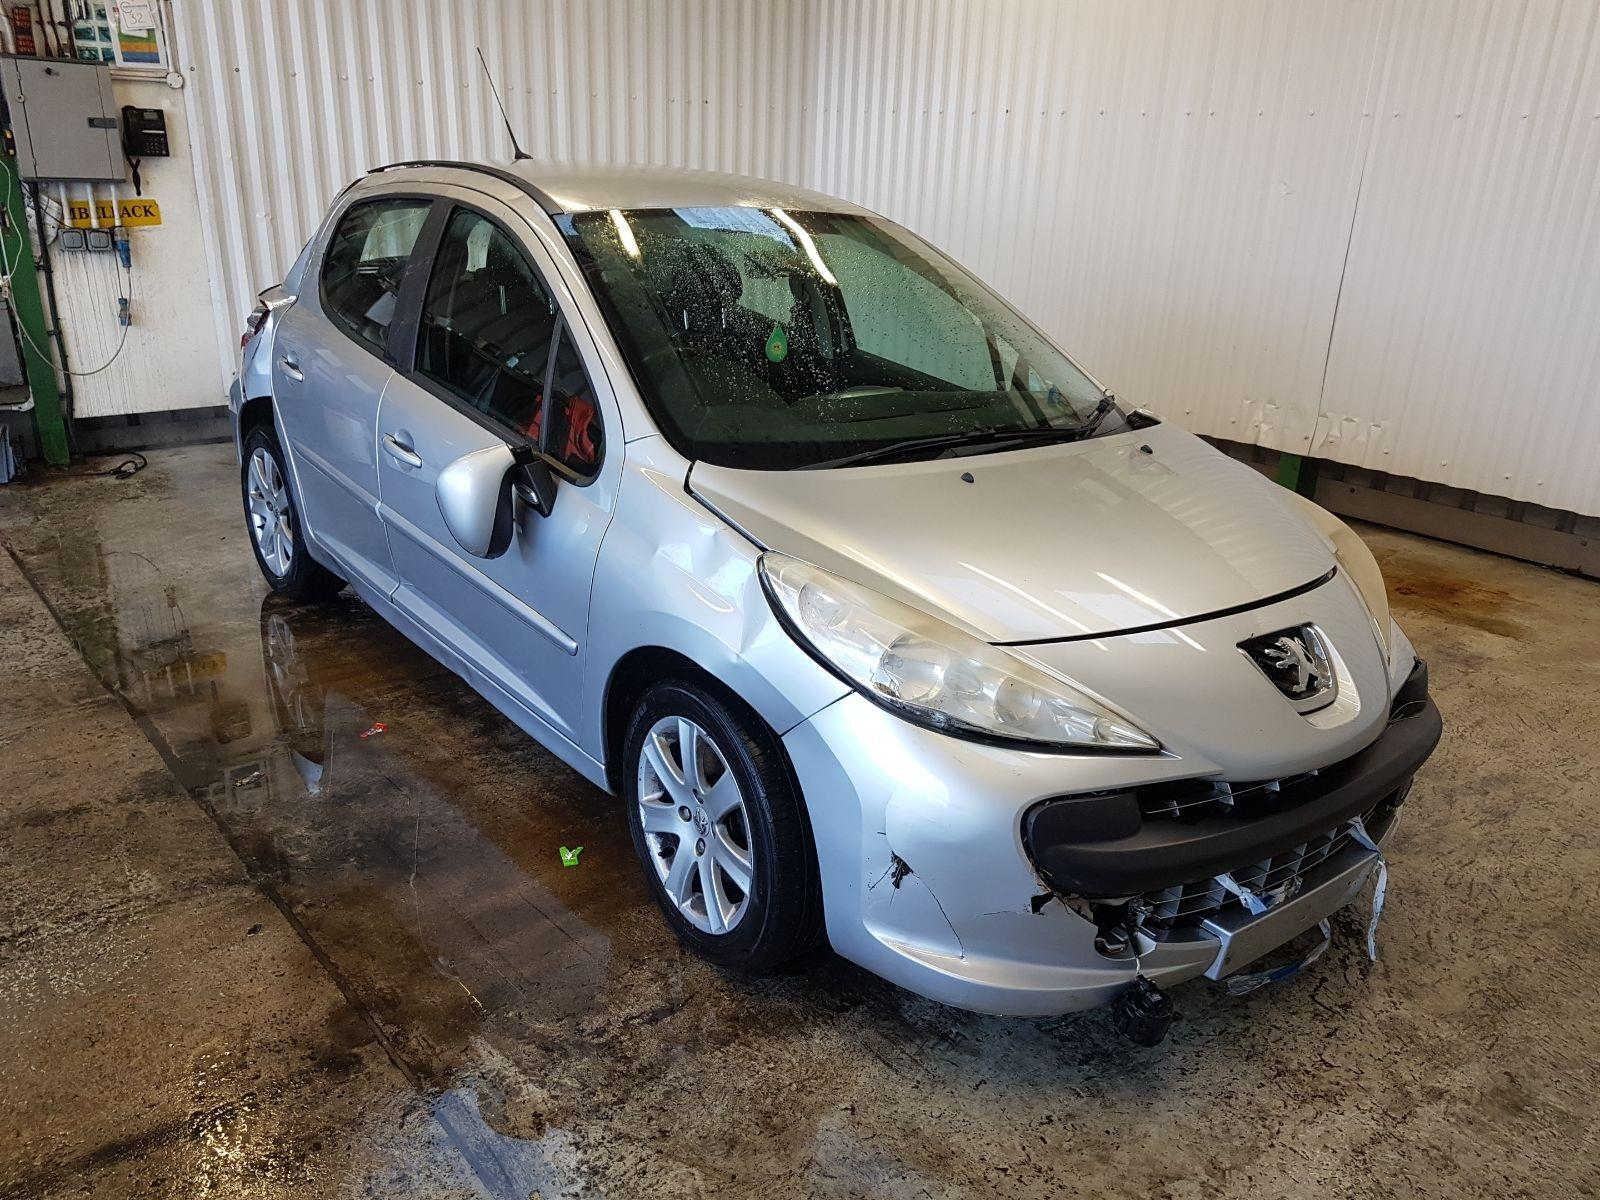 Peugeot 207 2006 To 2009 Sport HDi 5 Door Hatchback